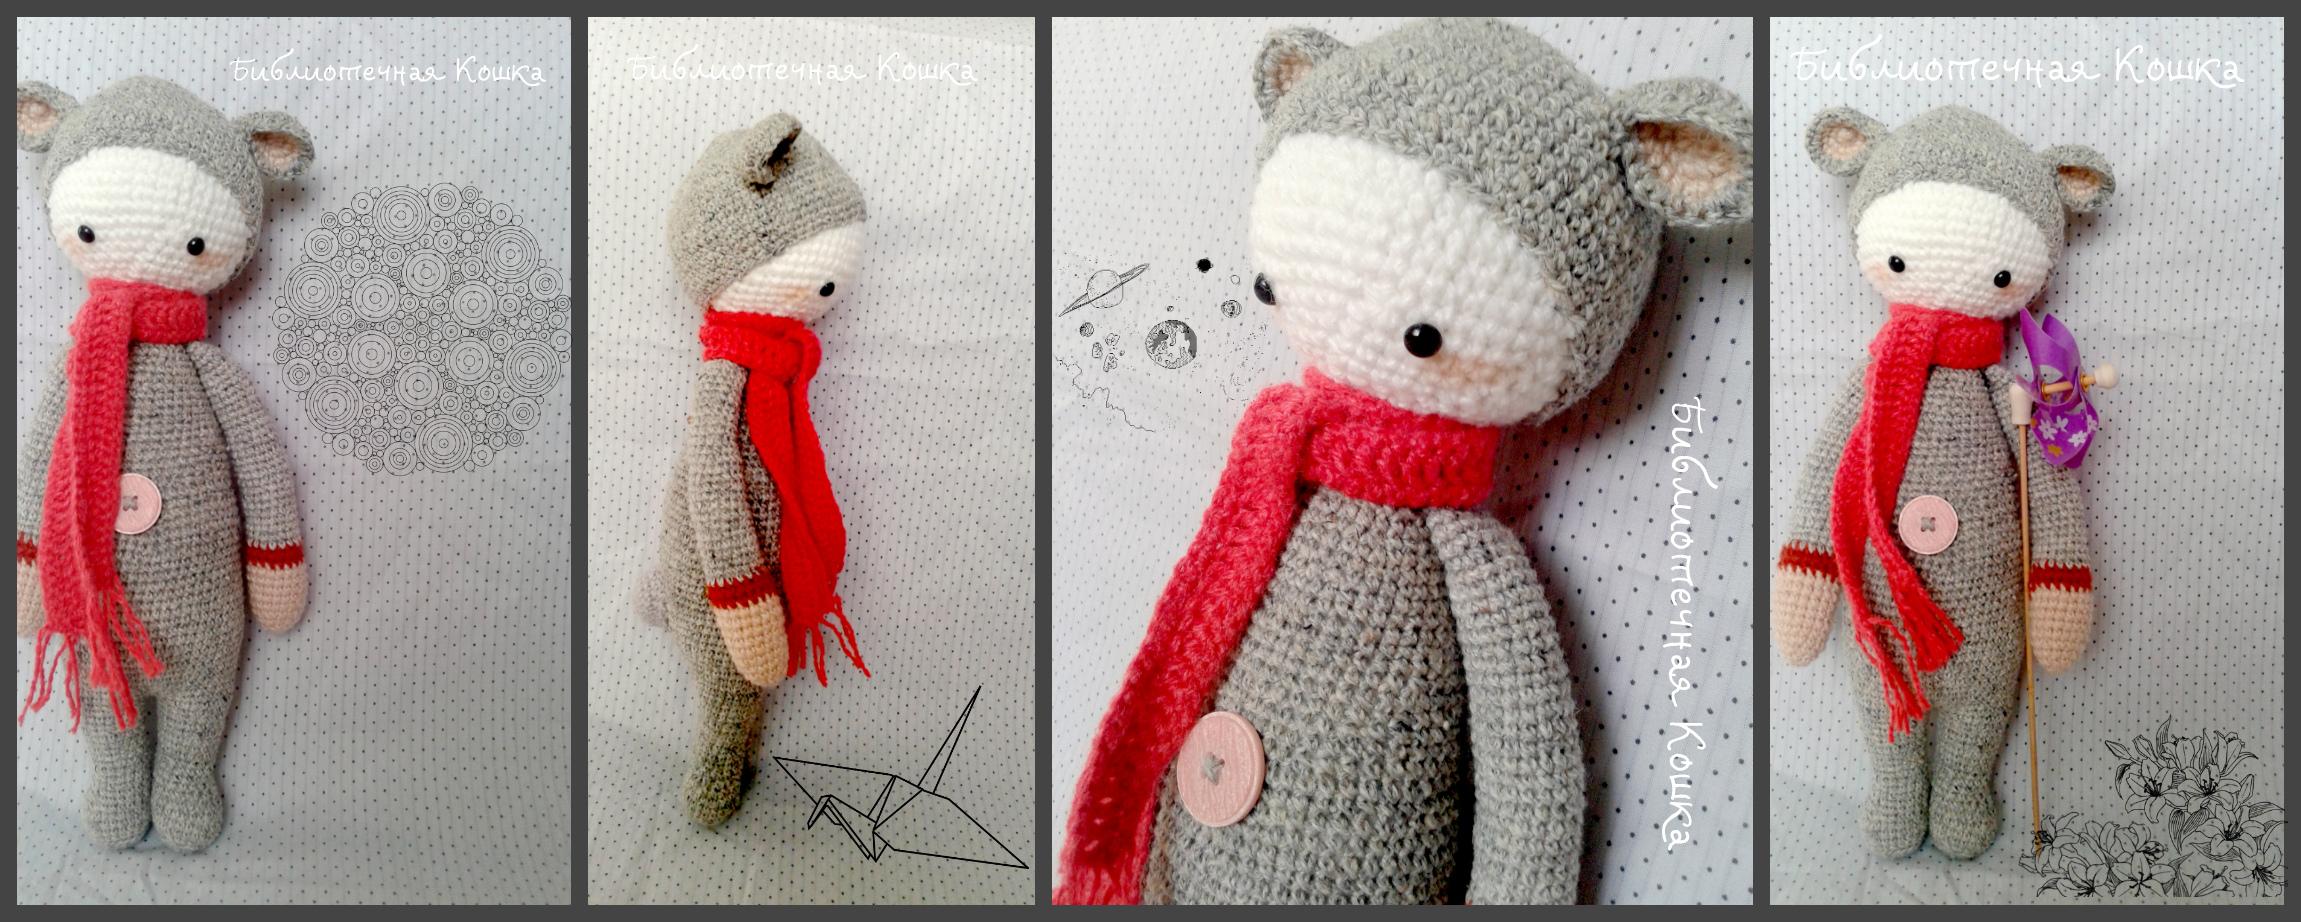 Амигуруми: Малышка Момо, вязание крючком амигуруми схемы для начинающих